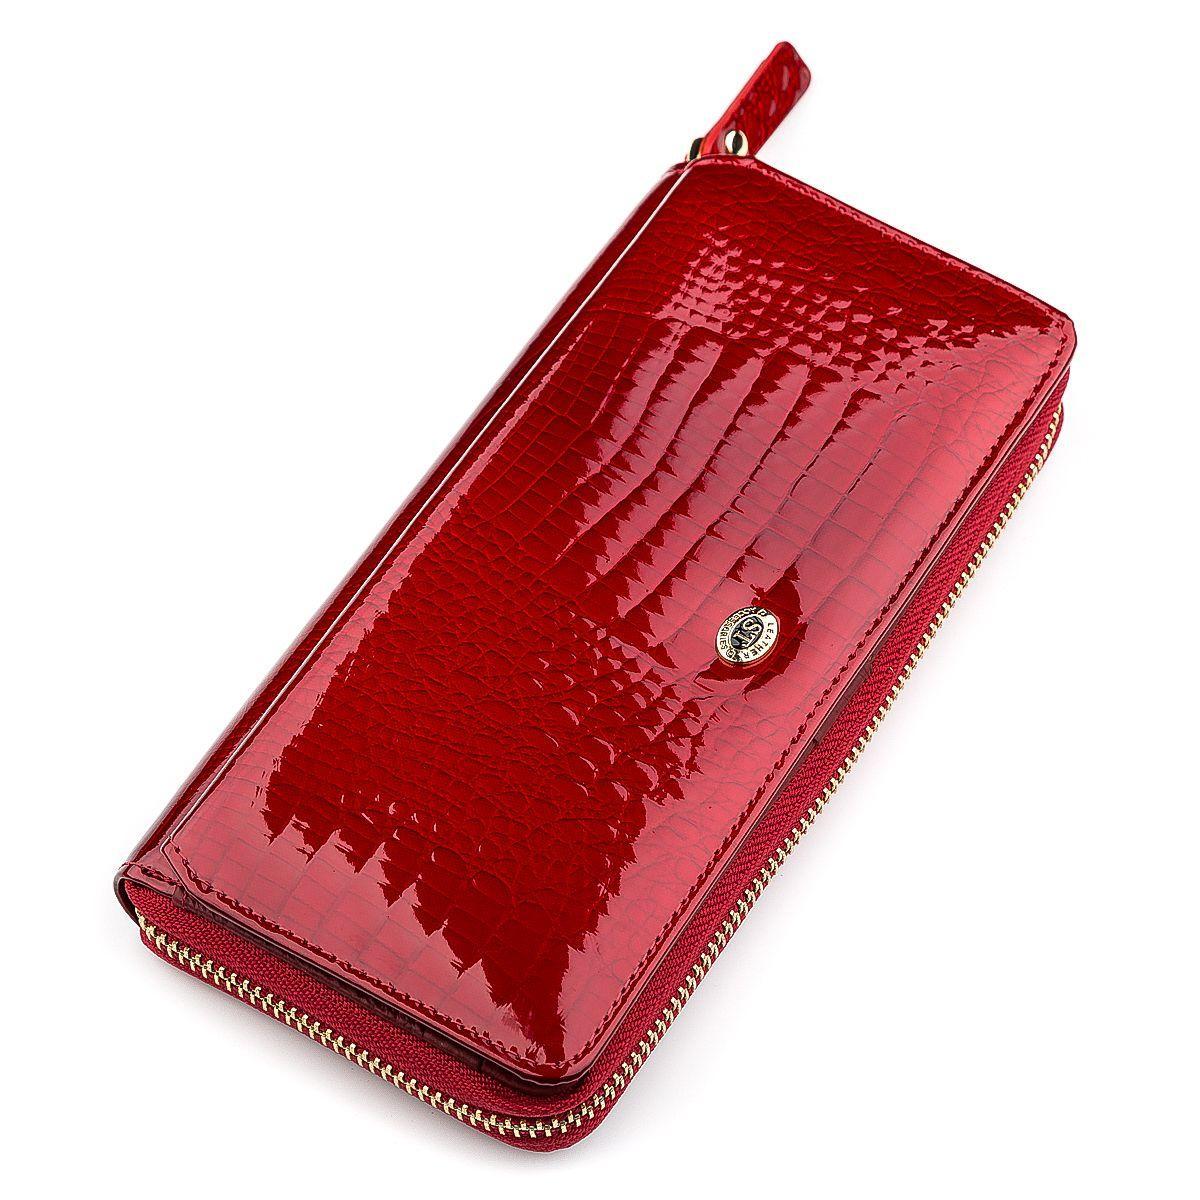 Кошелек женский ST Leather 18436 (S7001A) вместительный Красный